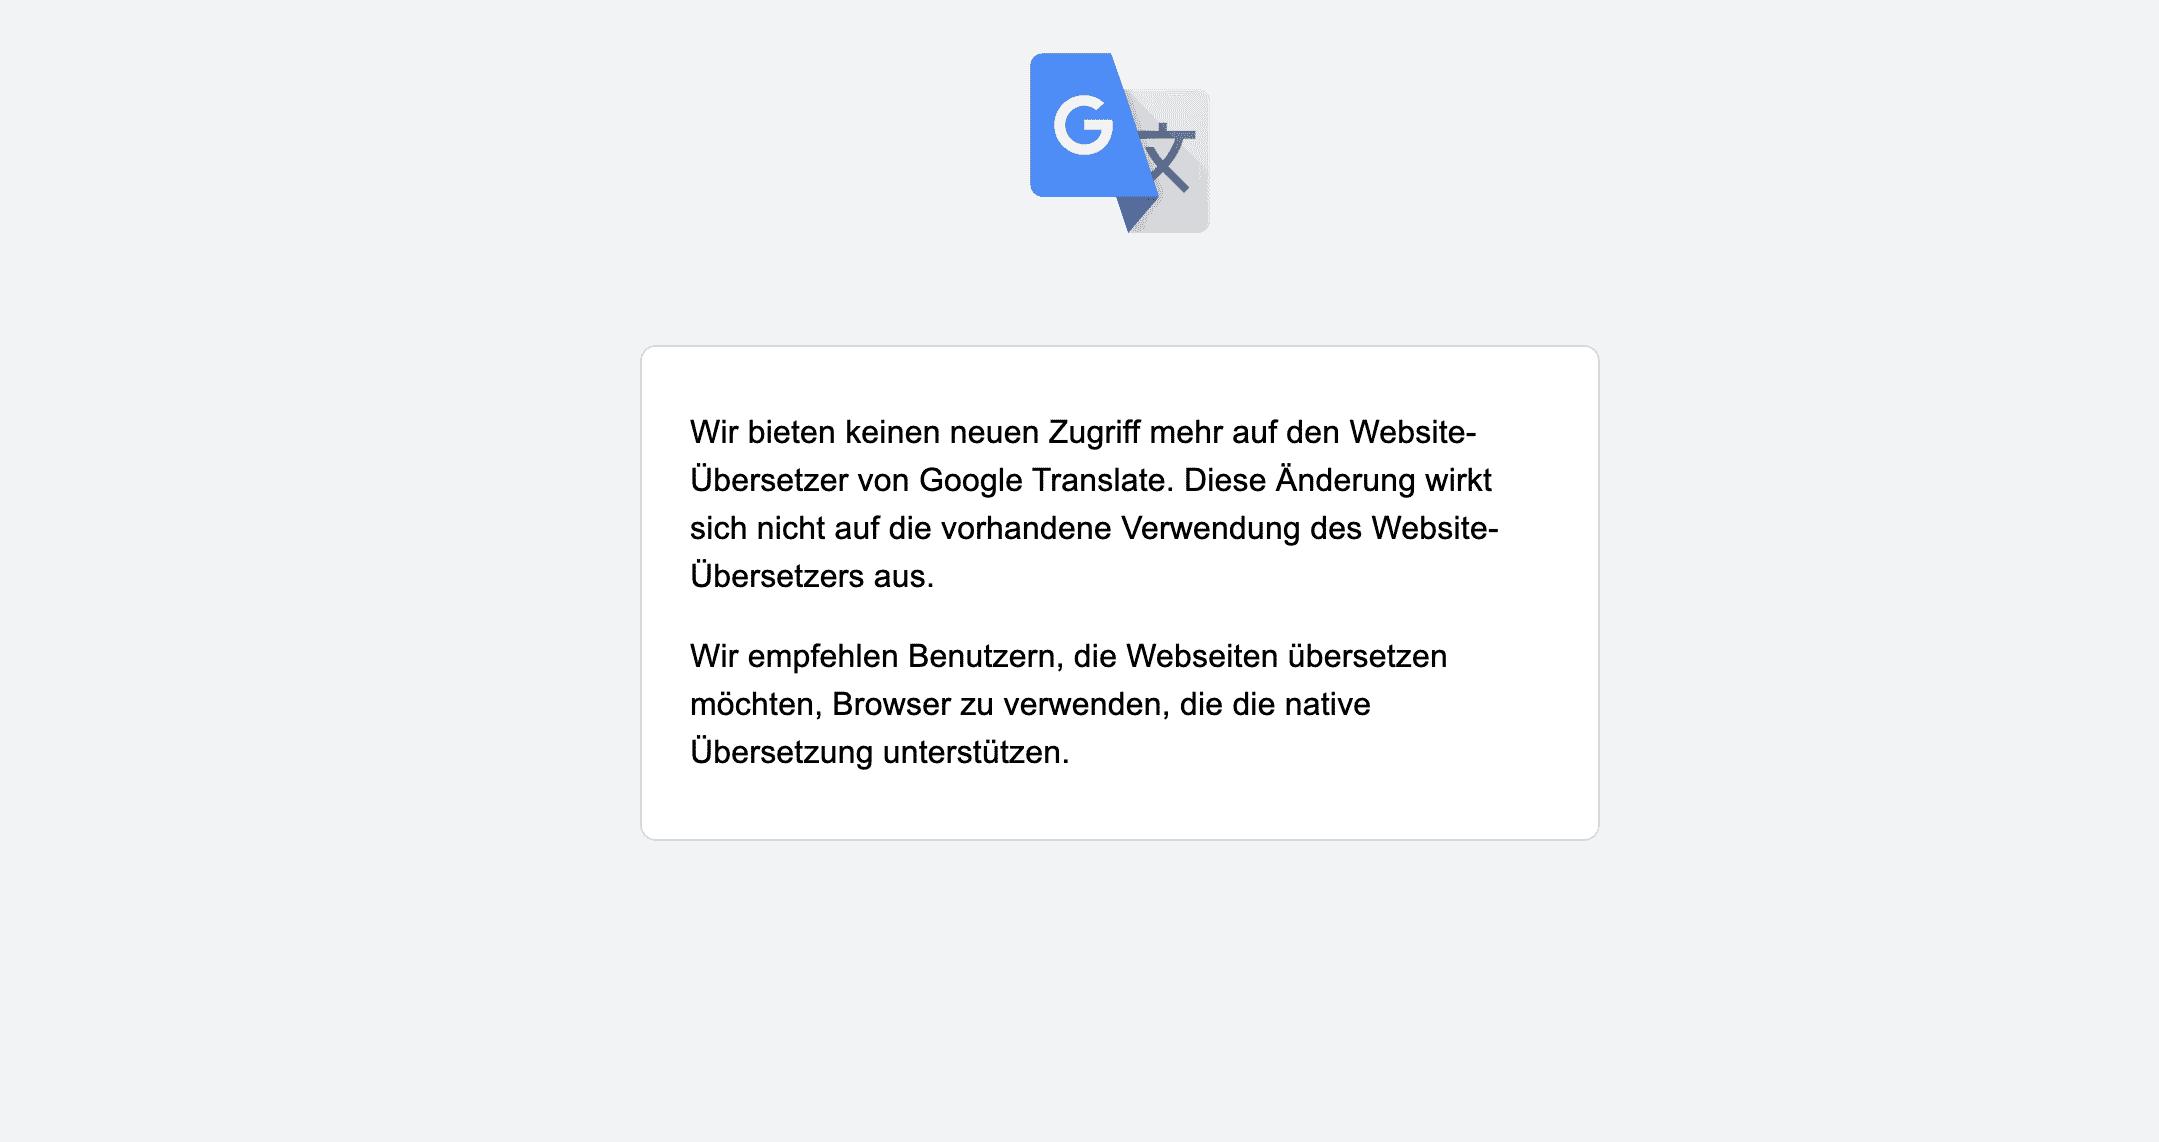 Google Translate Website Übersetzer wird nicht mehr unterstützt